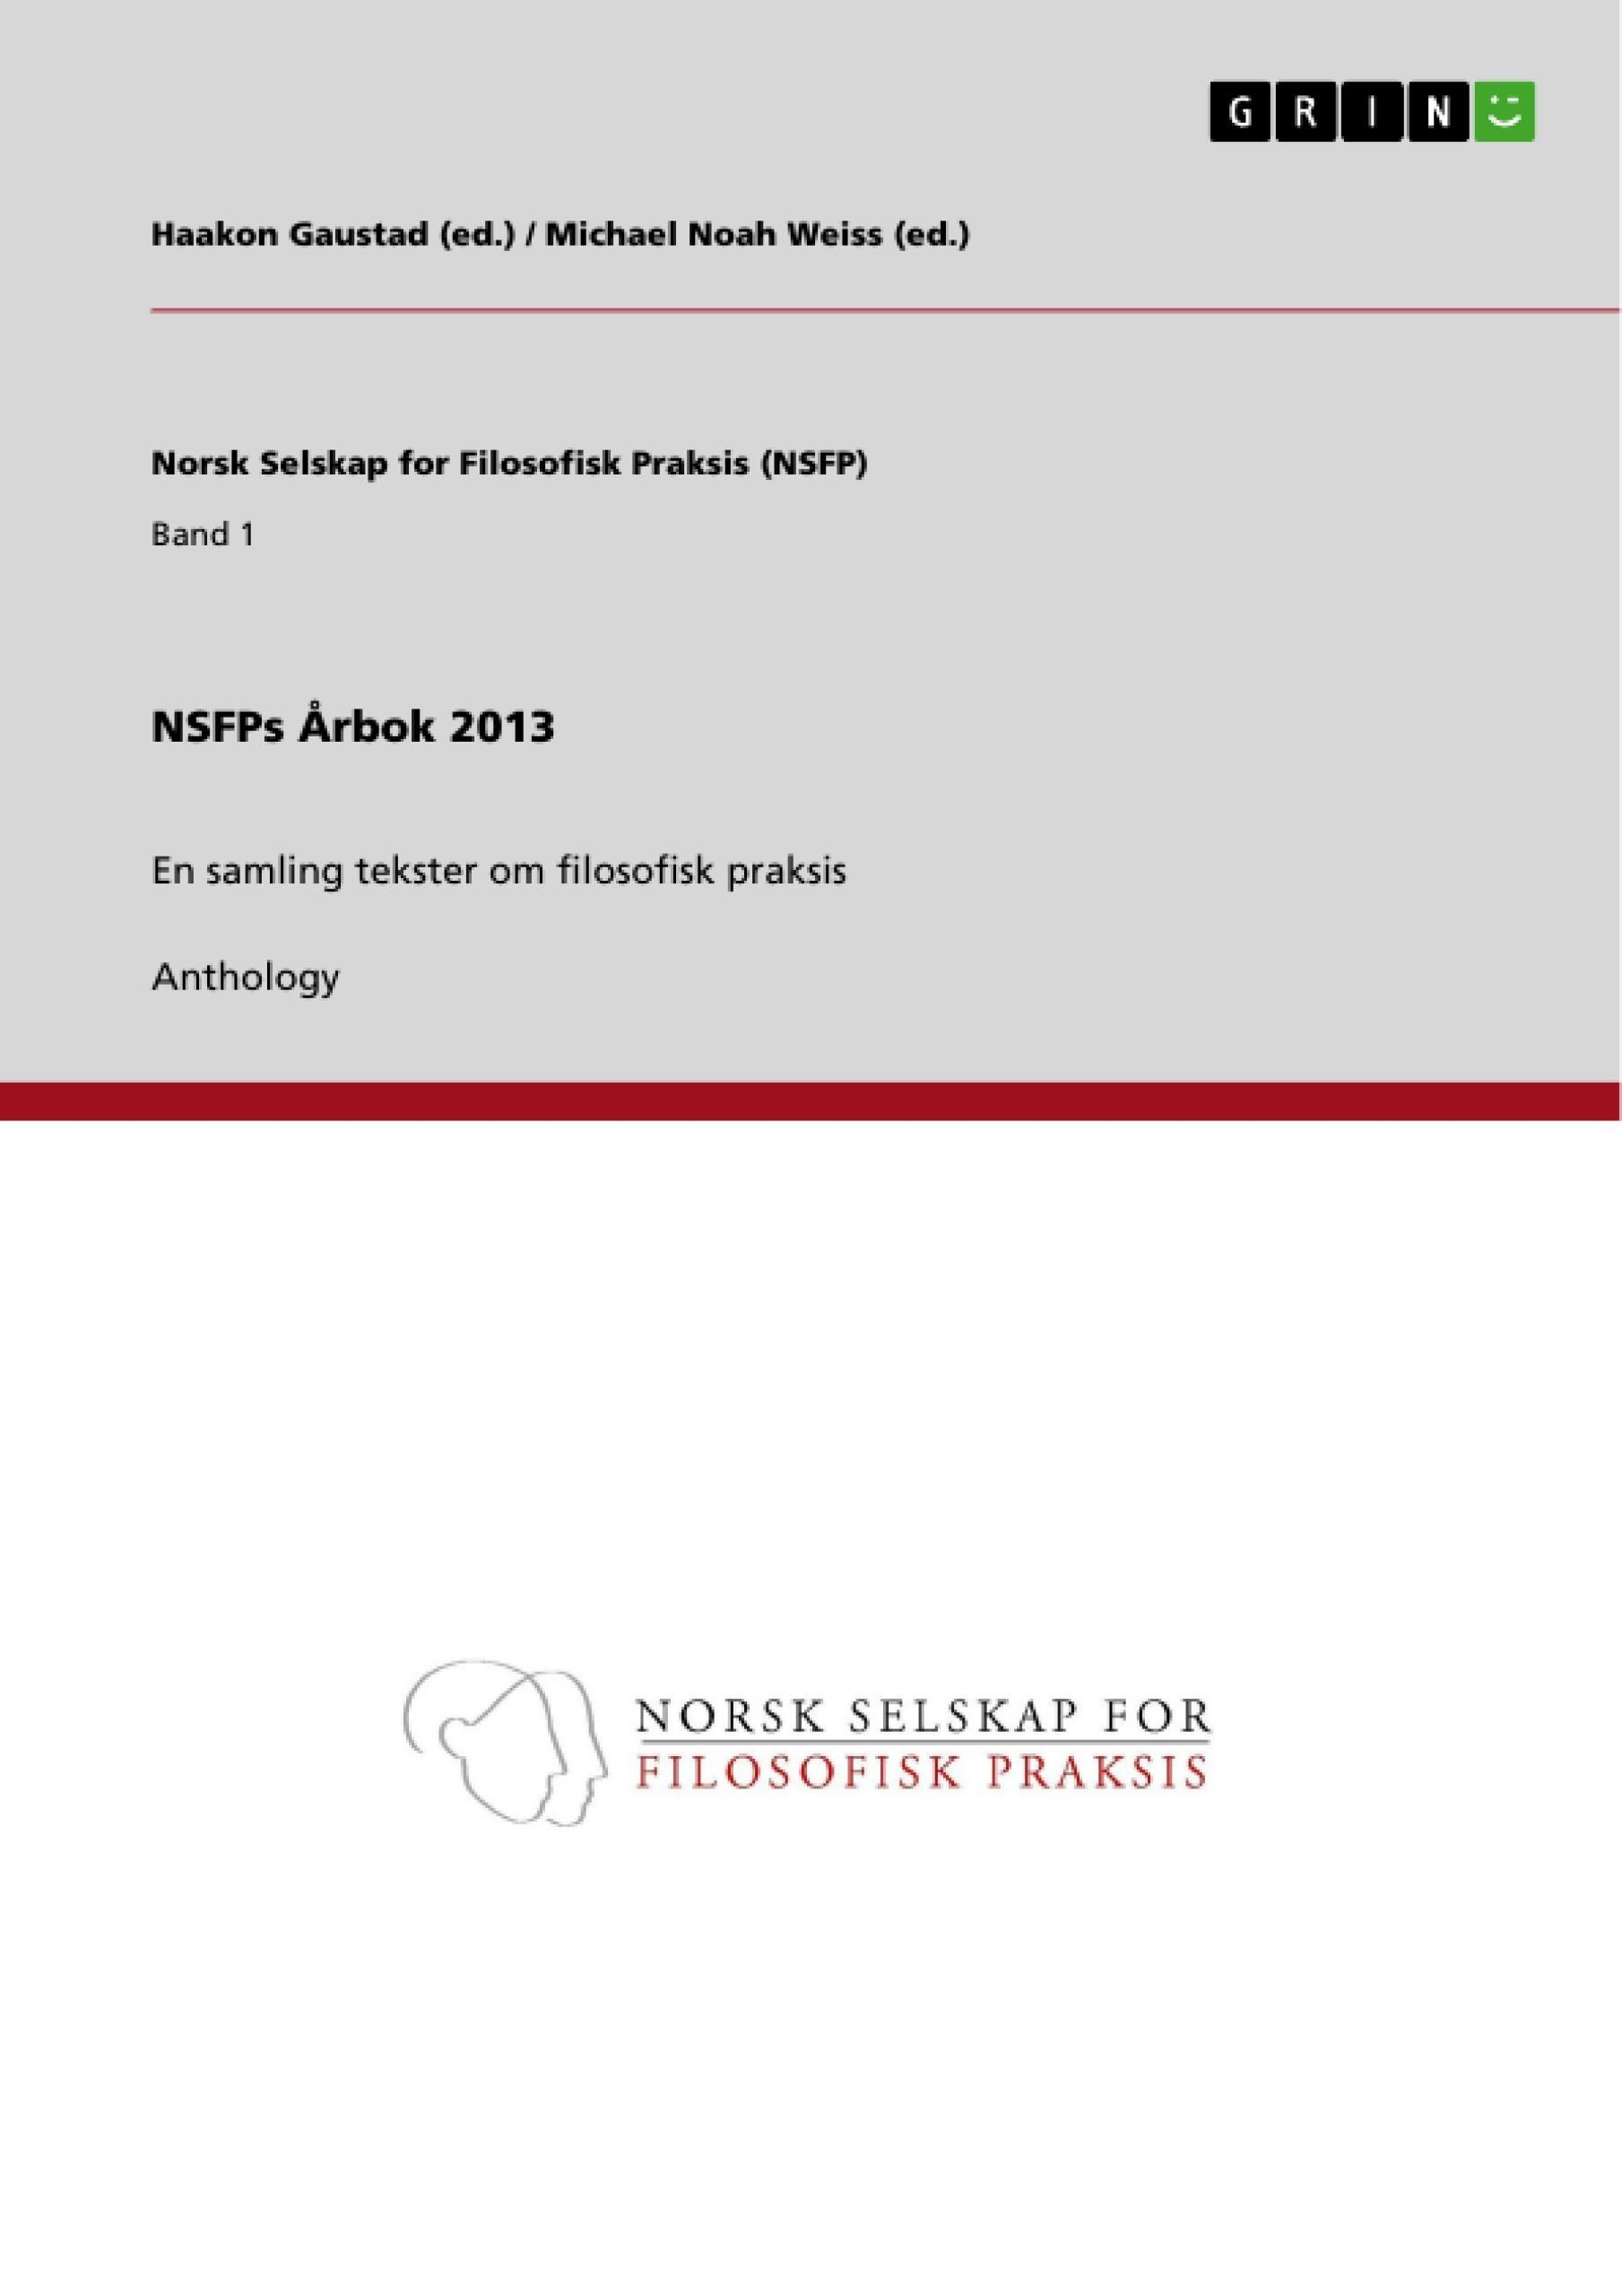 Title: NSFPs Årbok 2013